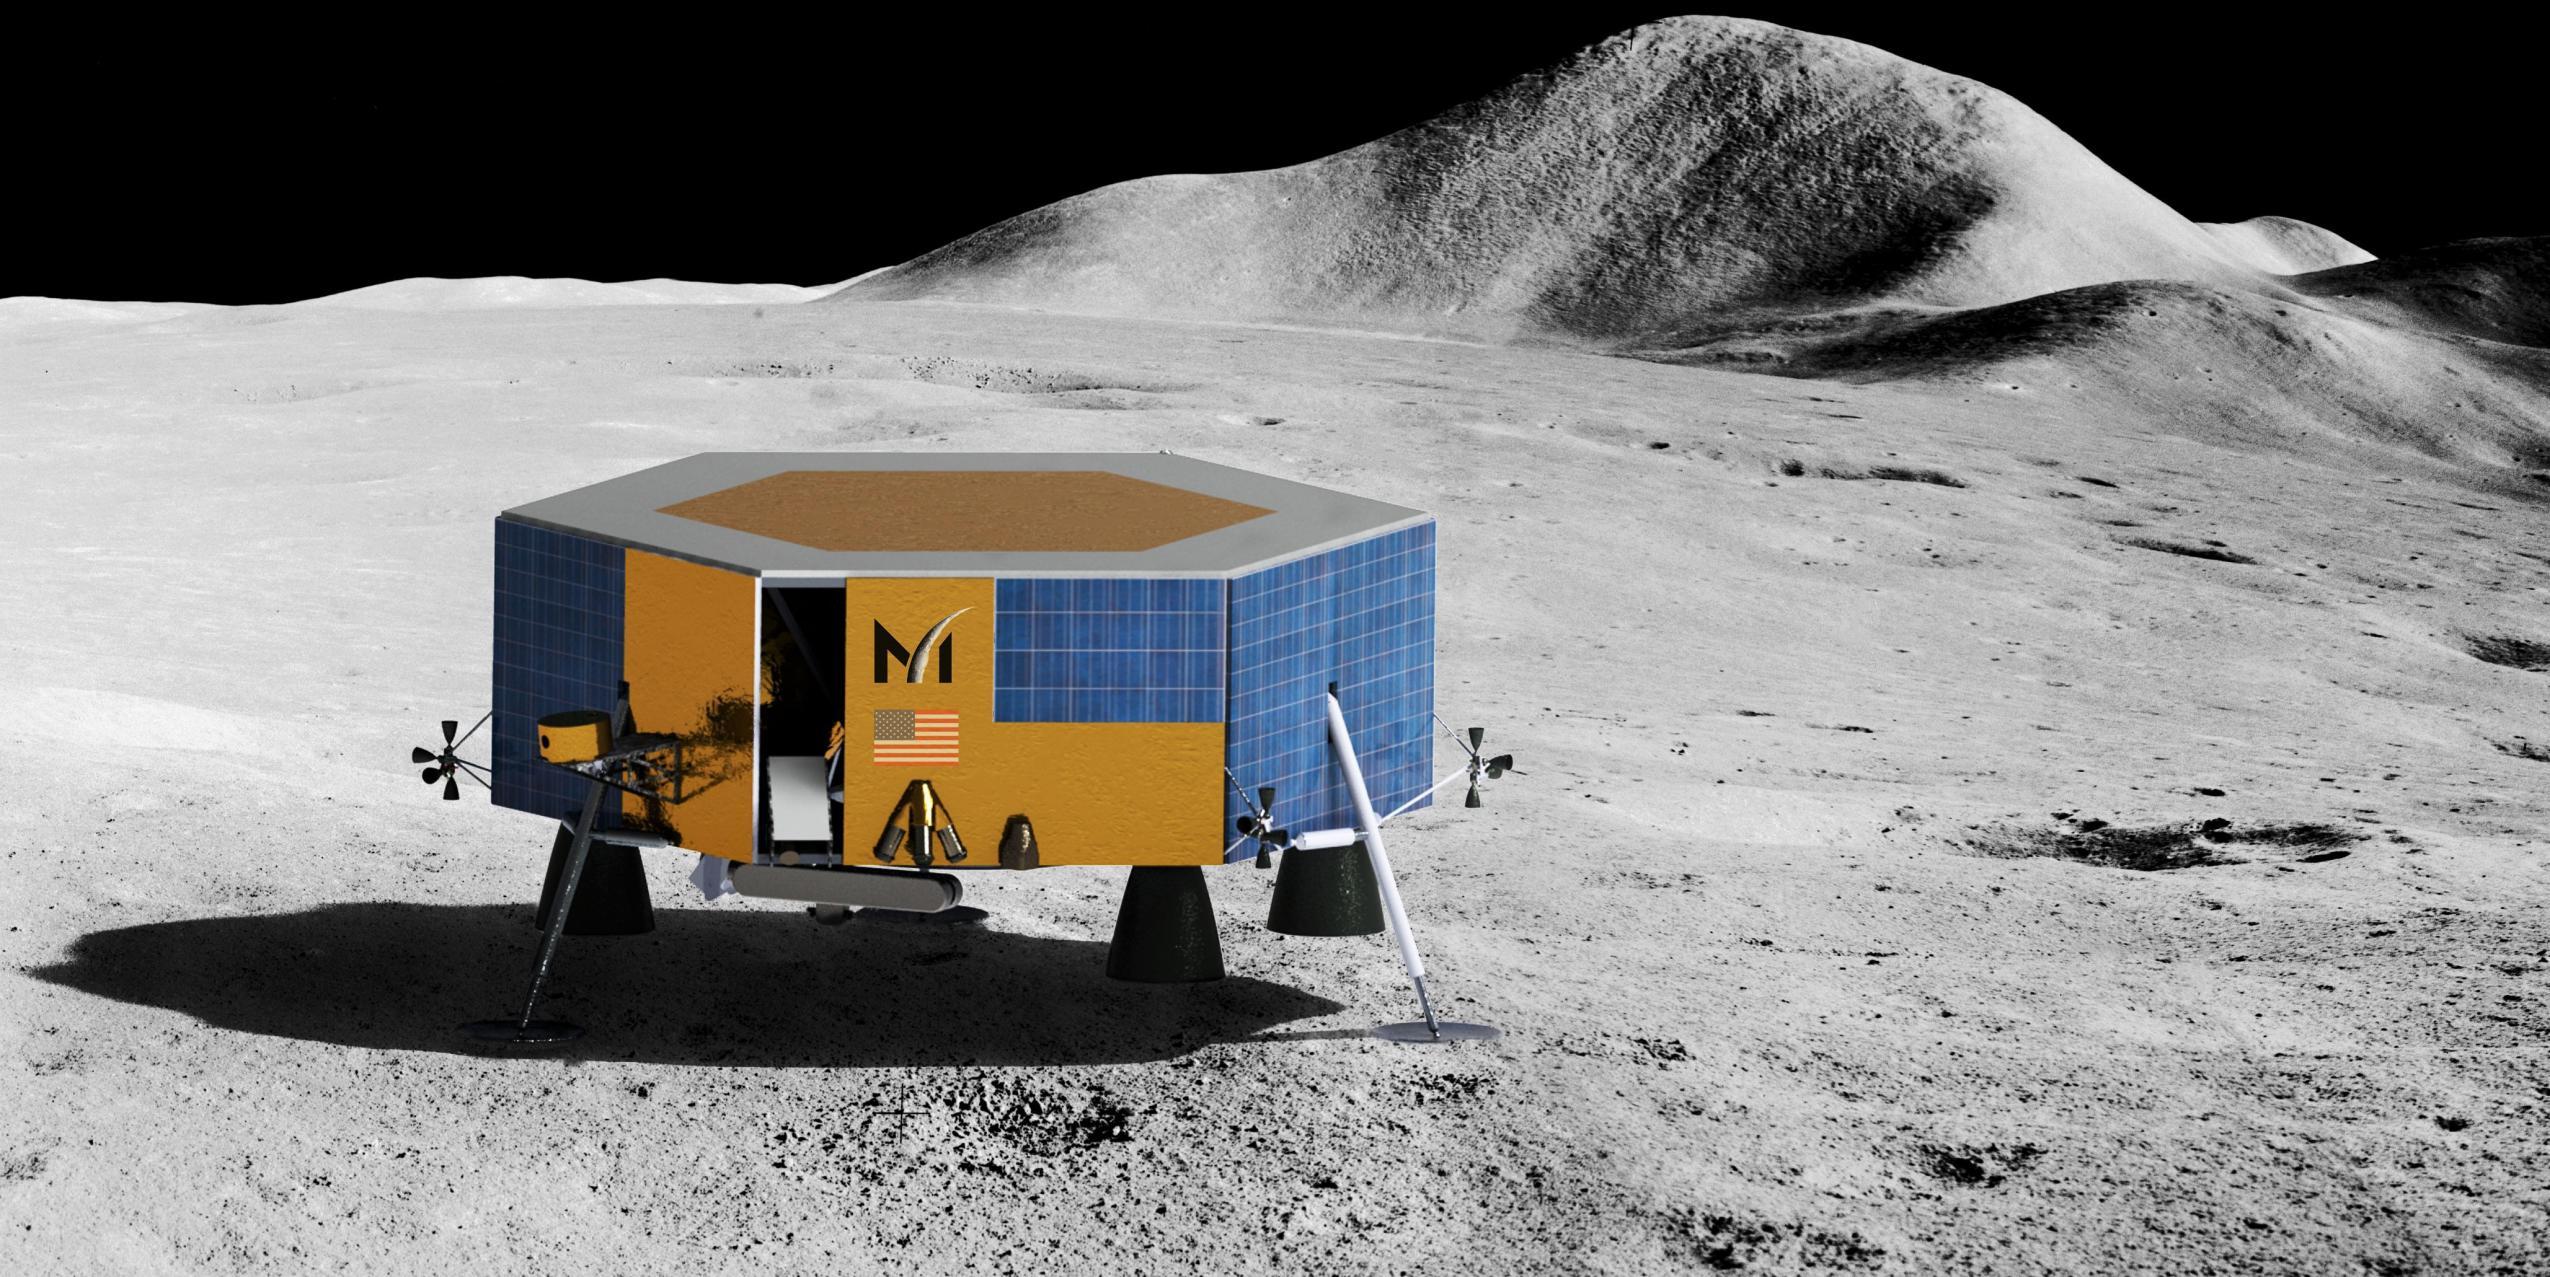 XL-1 lunar lander CLPS (Masten Space) 1 crop (c)